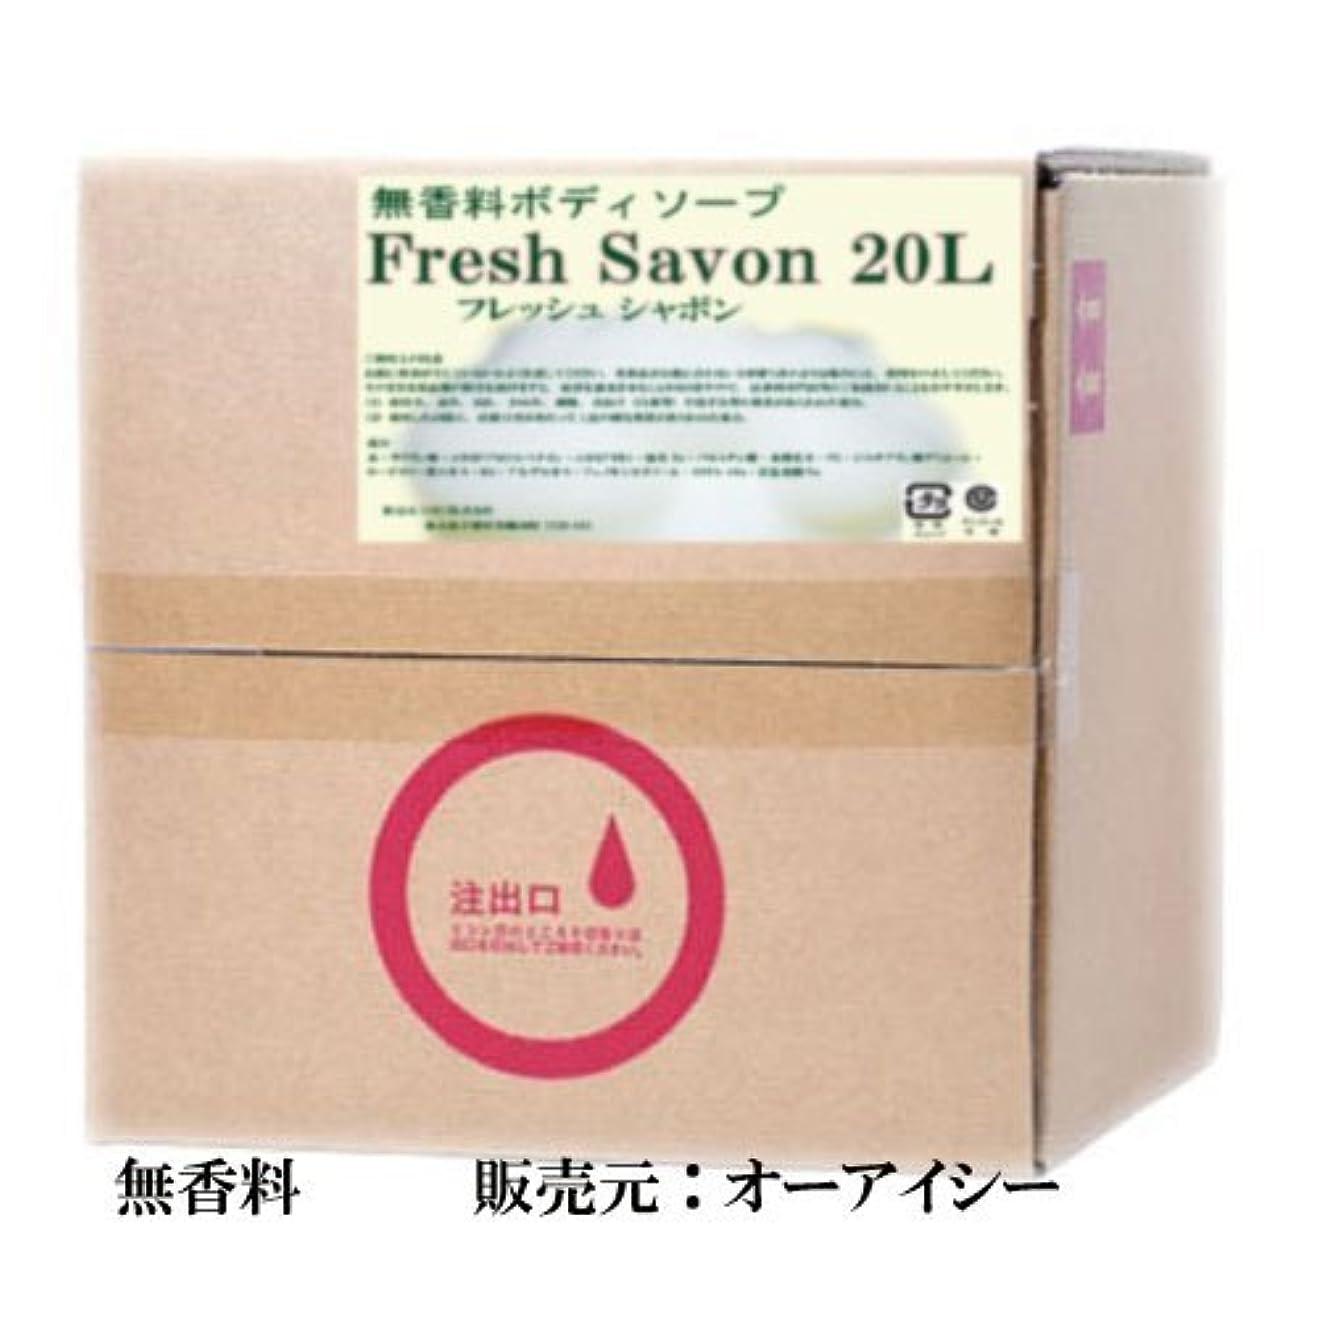 社交的気候郊外業務用 無香料 ボディソープ フレッシュシャボン 20L (販売元:オーアイシー) (ホワイト)